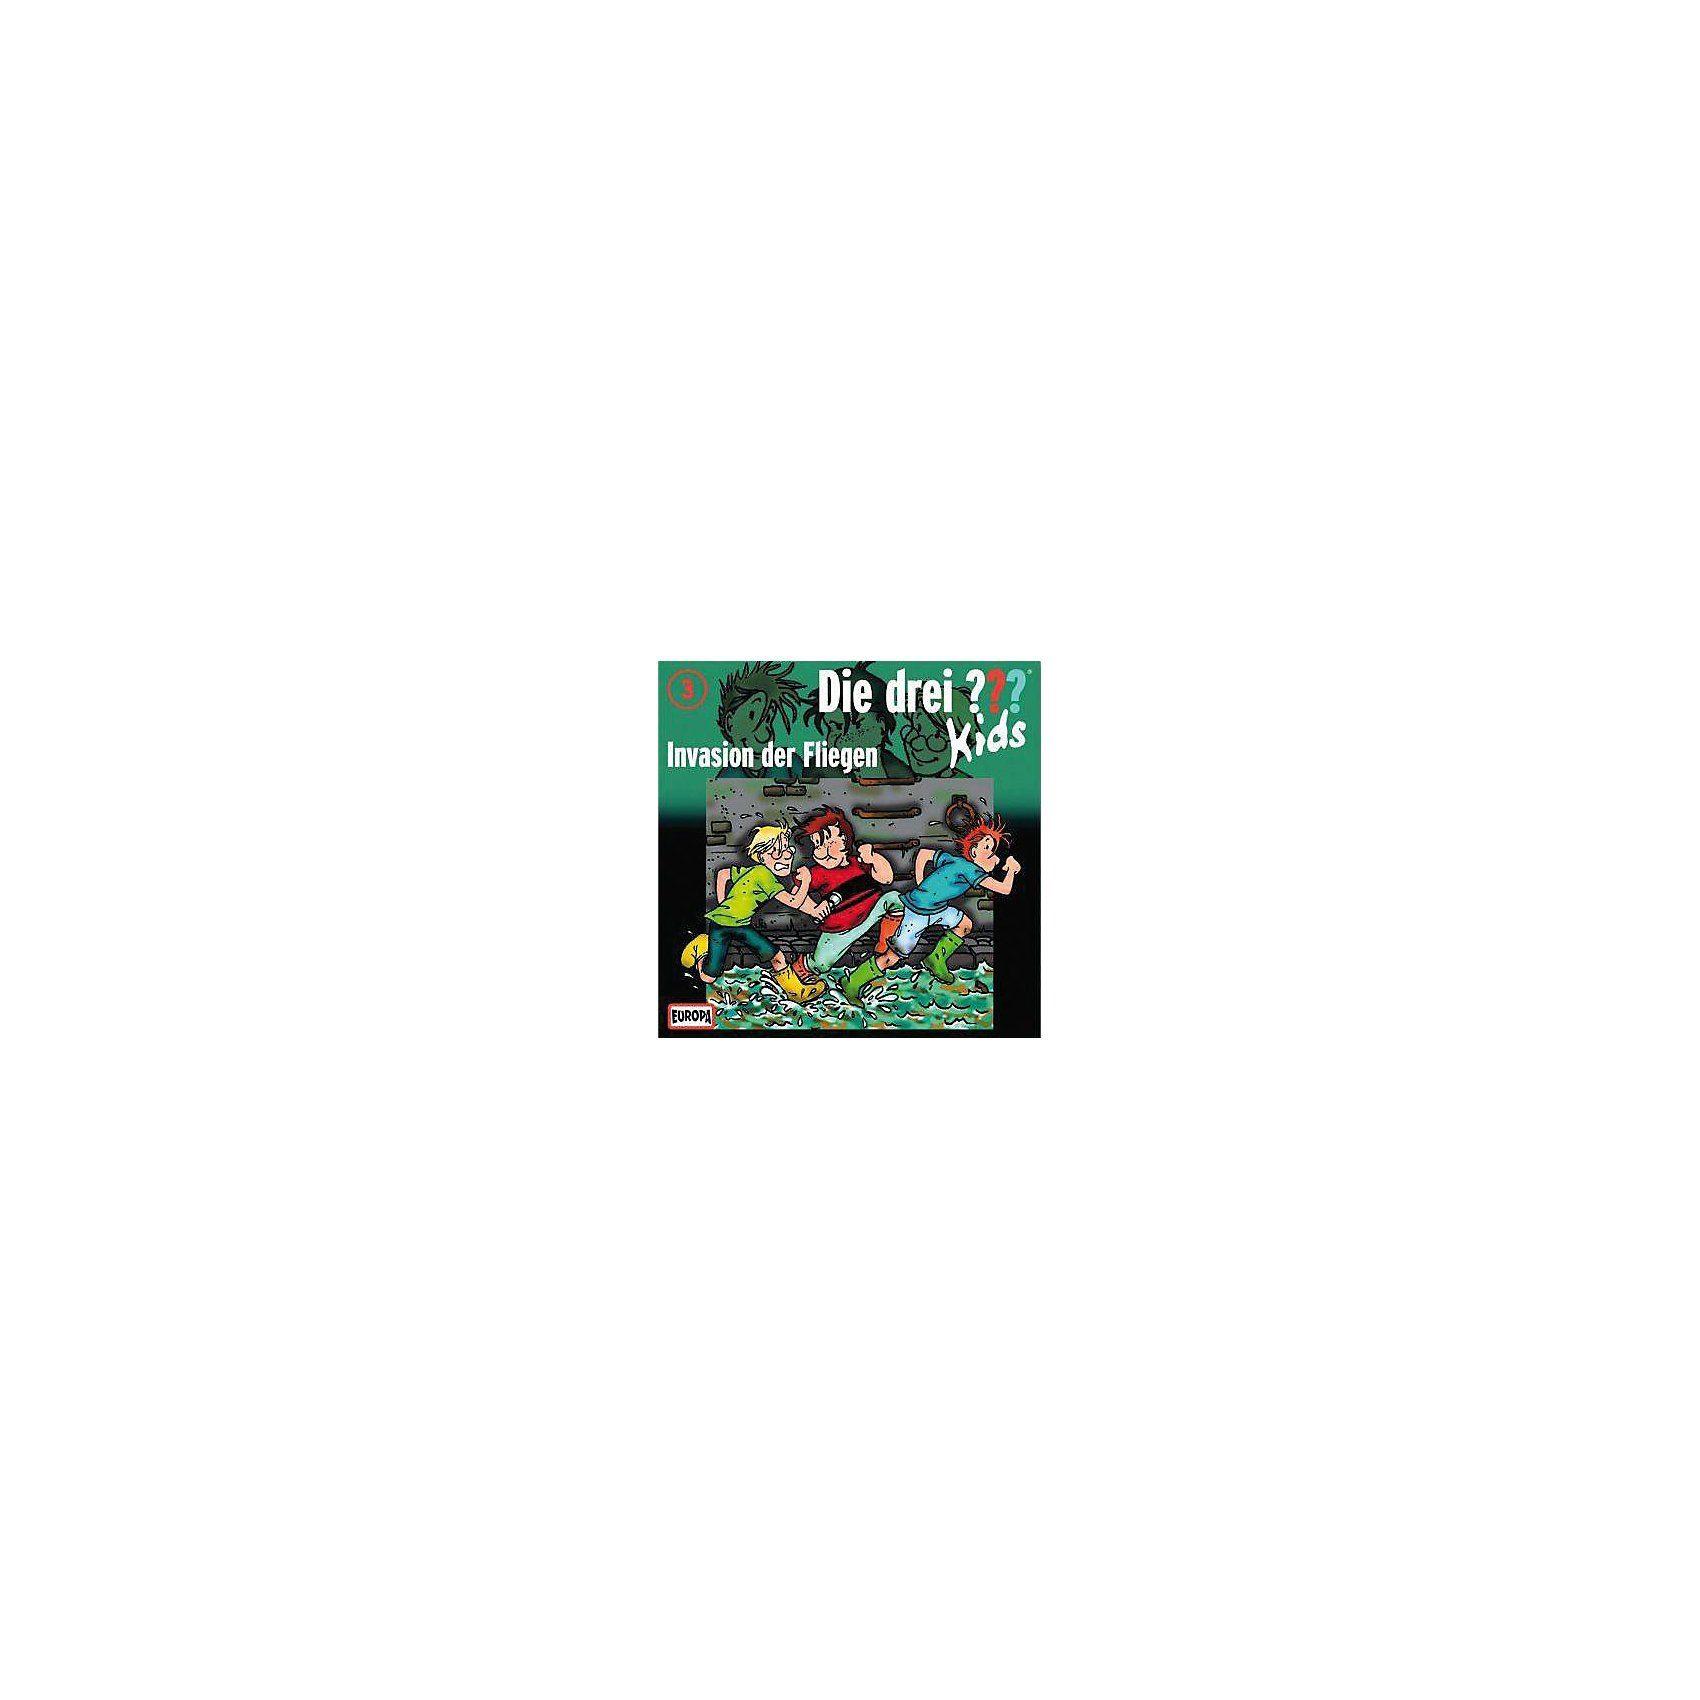 Sony CD Die drei ??? Kids 03 - Invasion der Fliegen